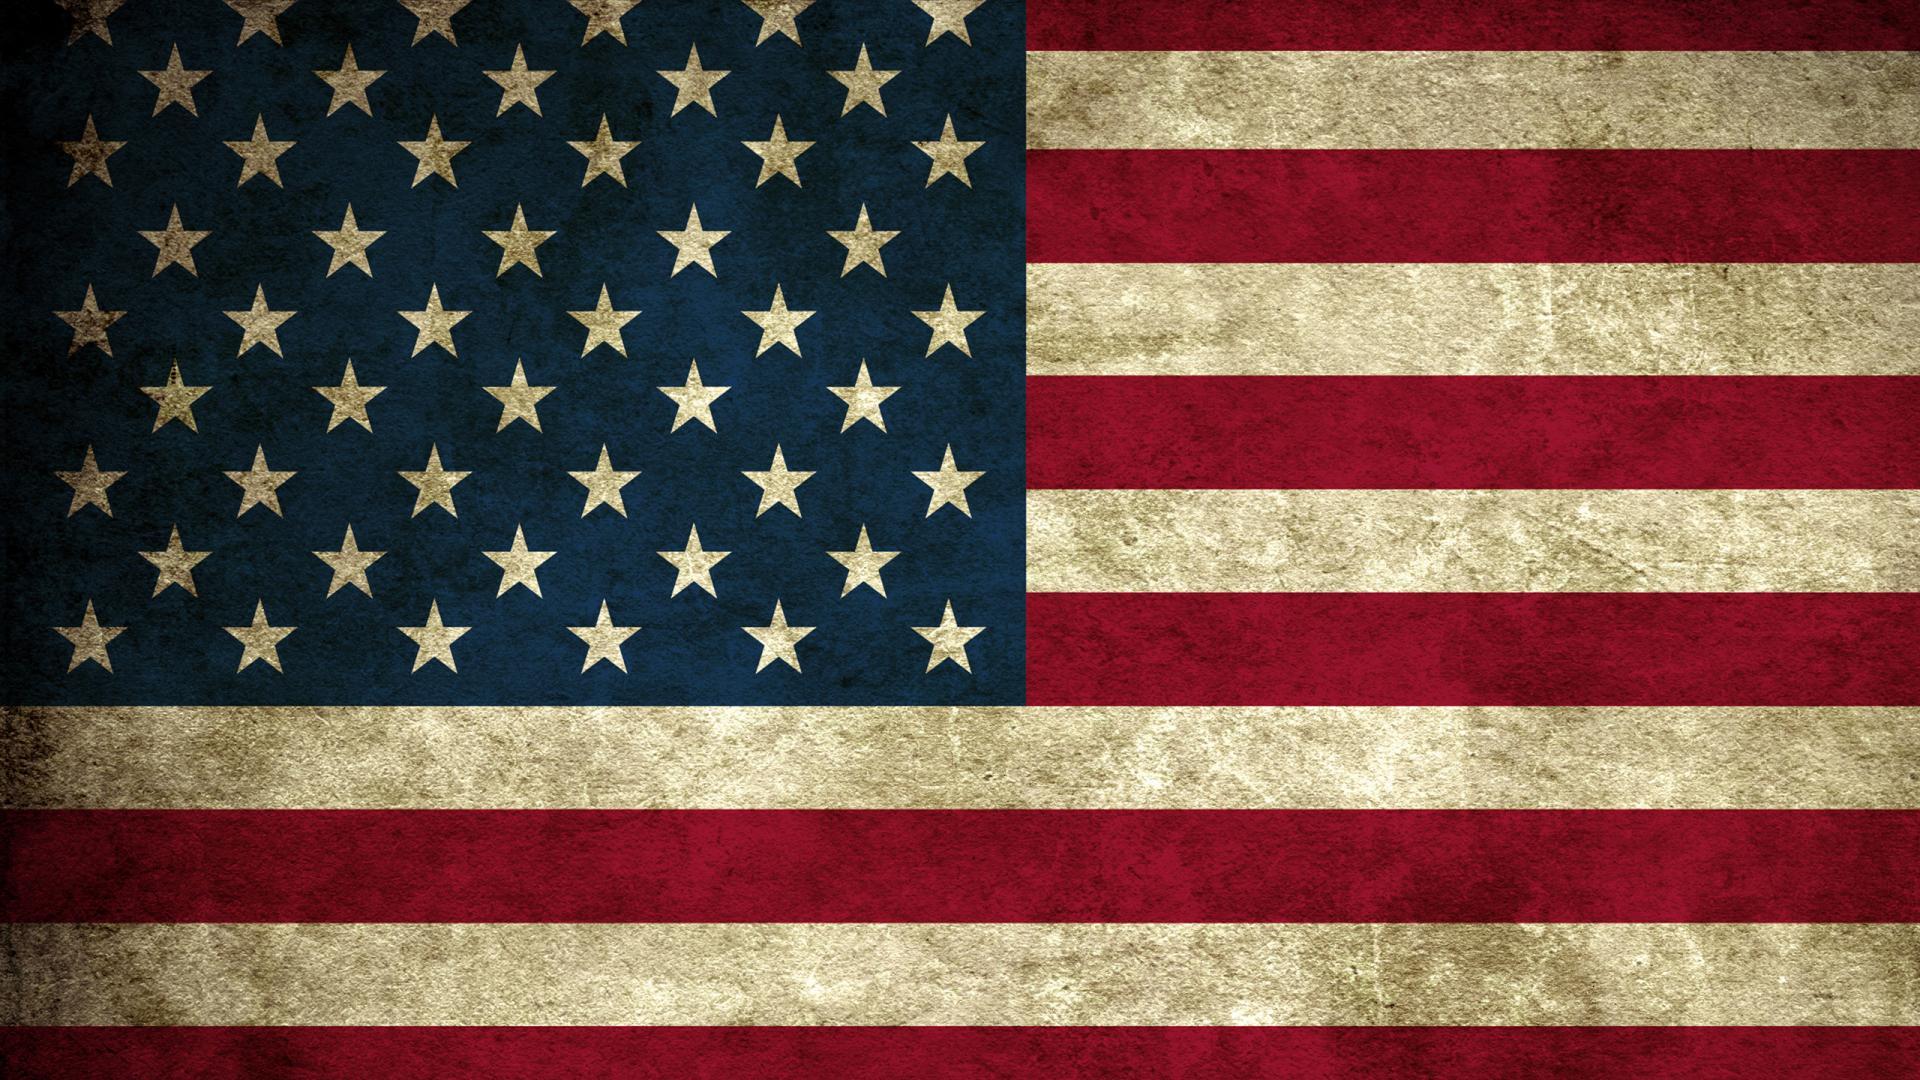 American USA Flag HD Wallpaper American USA Flag 1920x1080